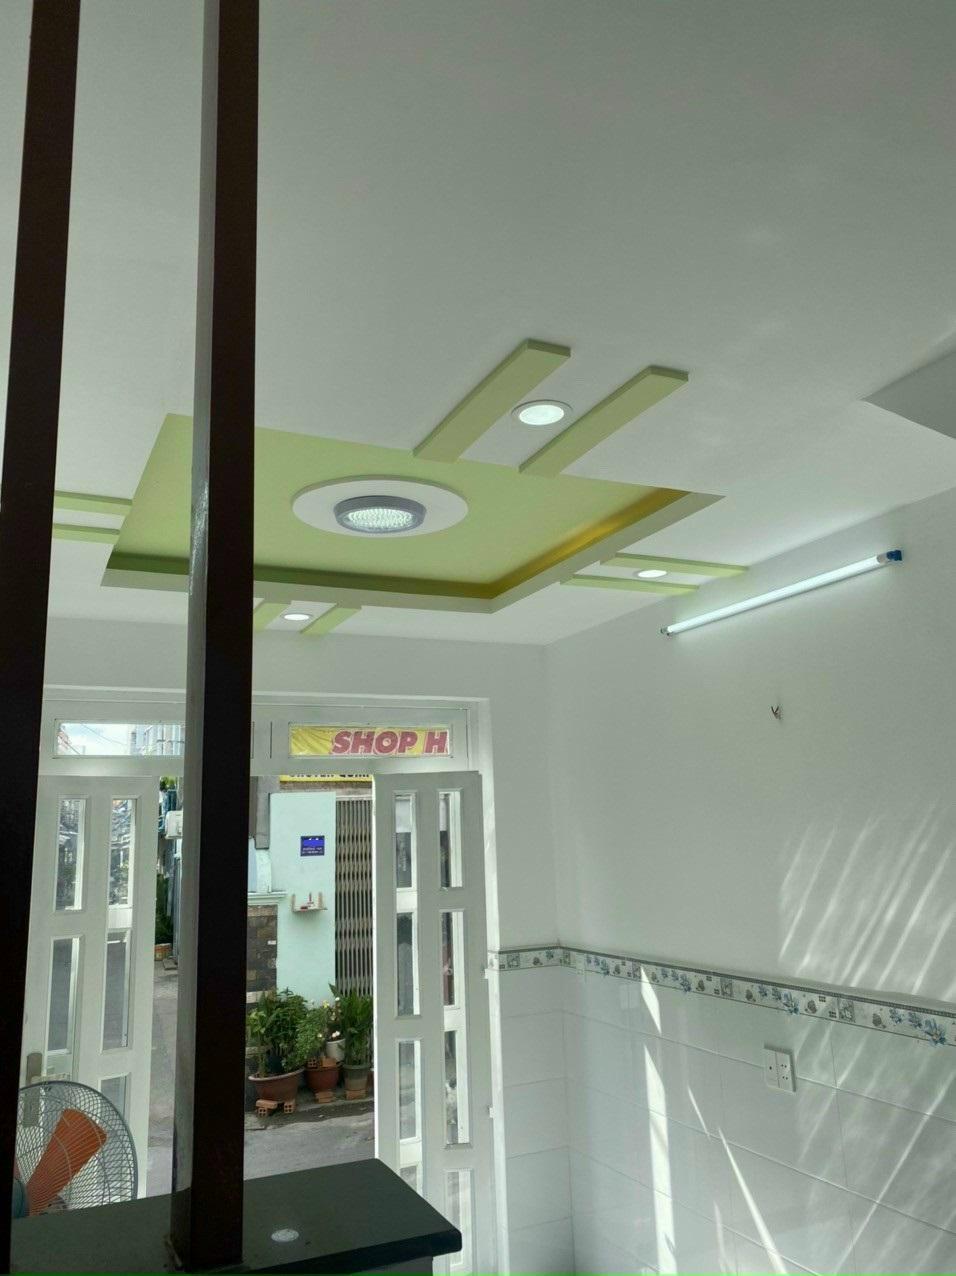 Bán nhà quận Bình Tân dưới 2 tỷ, Sổ hồng riêng, Mặt tiền đường số 16A